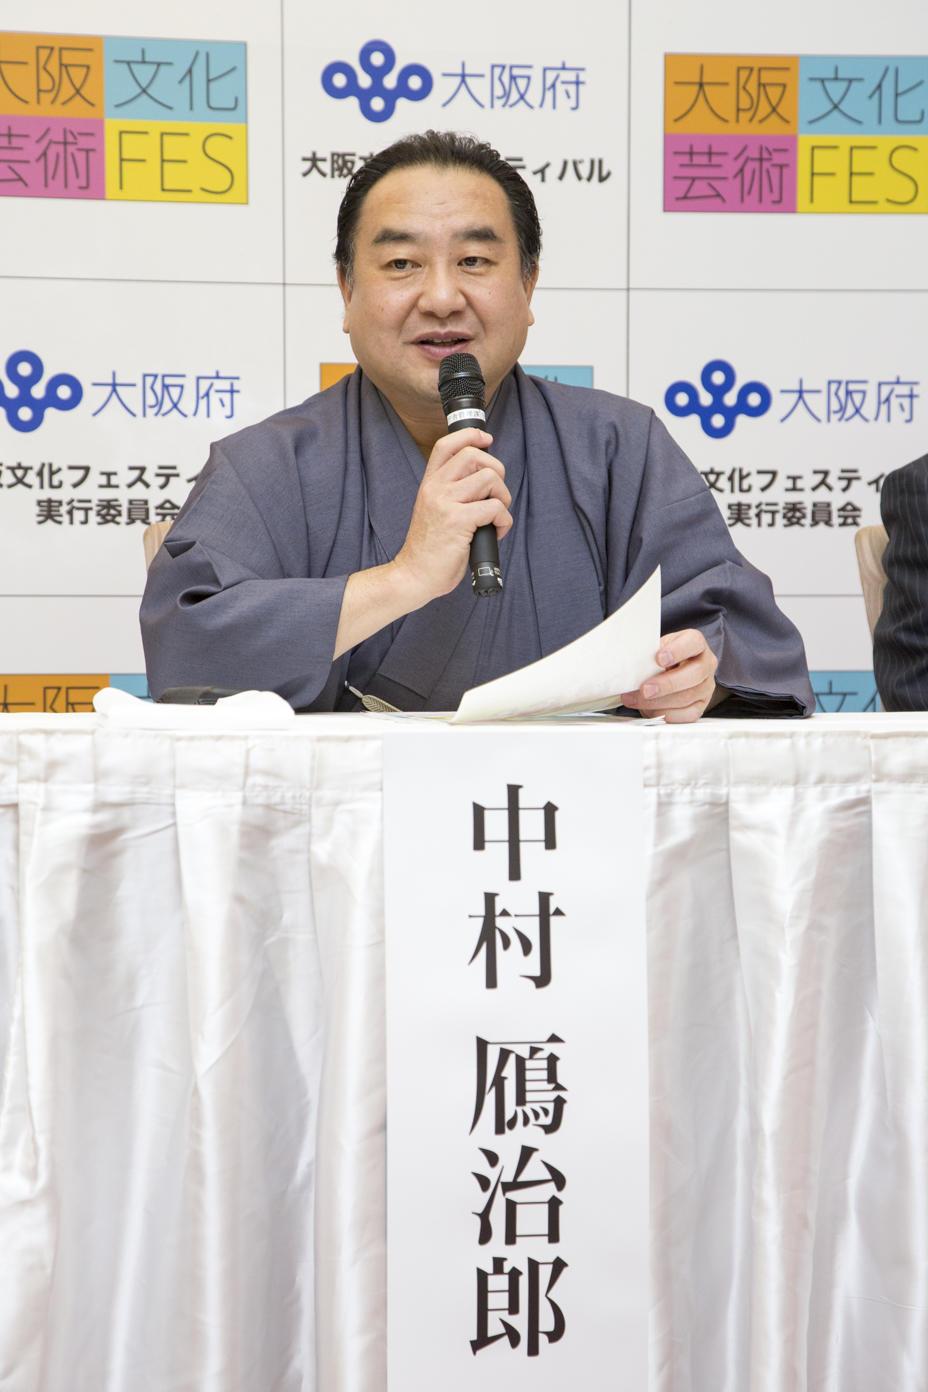 http://news.yoshimoto.co.jp/20170905232531-bde333c7bd8059a3b80d560c72d122c193227b08.jpg